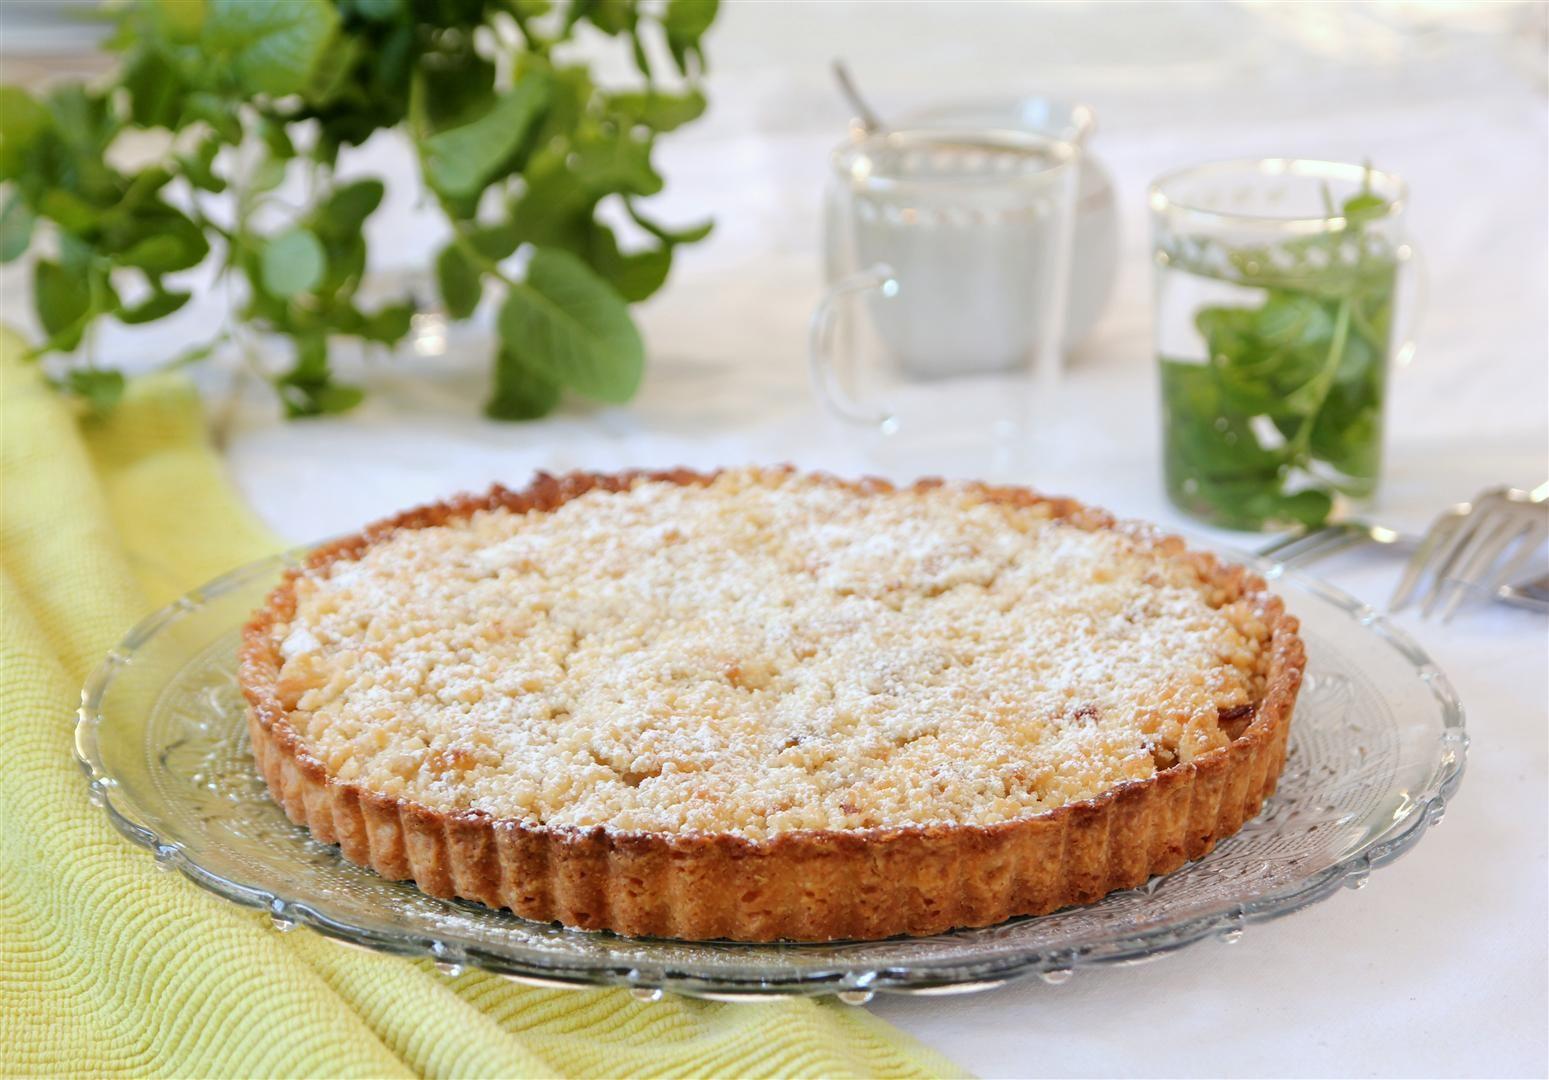 Apple pie with Hazelnut Streusel